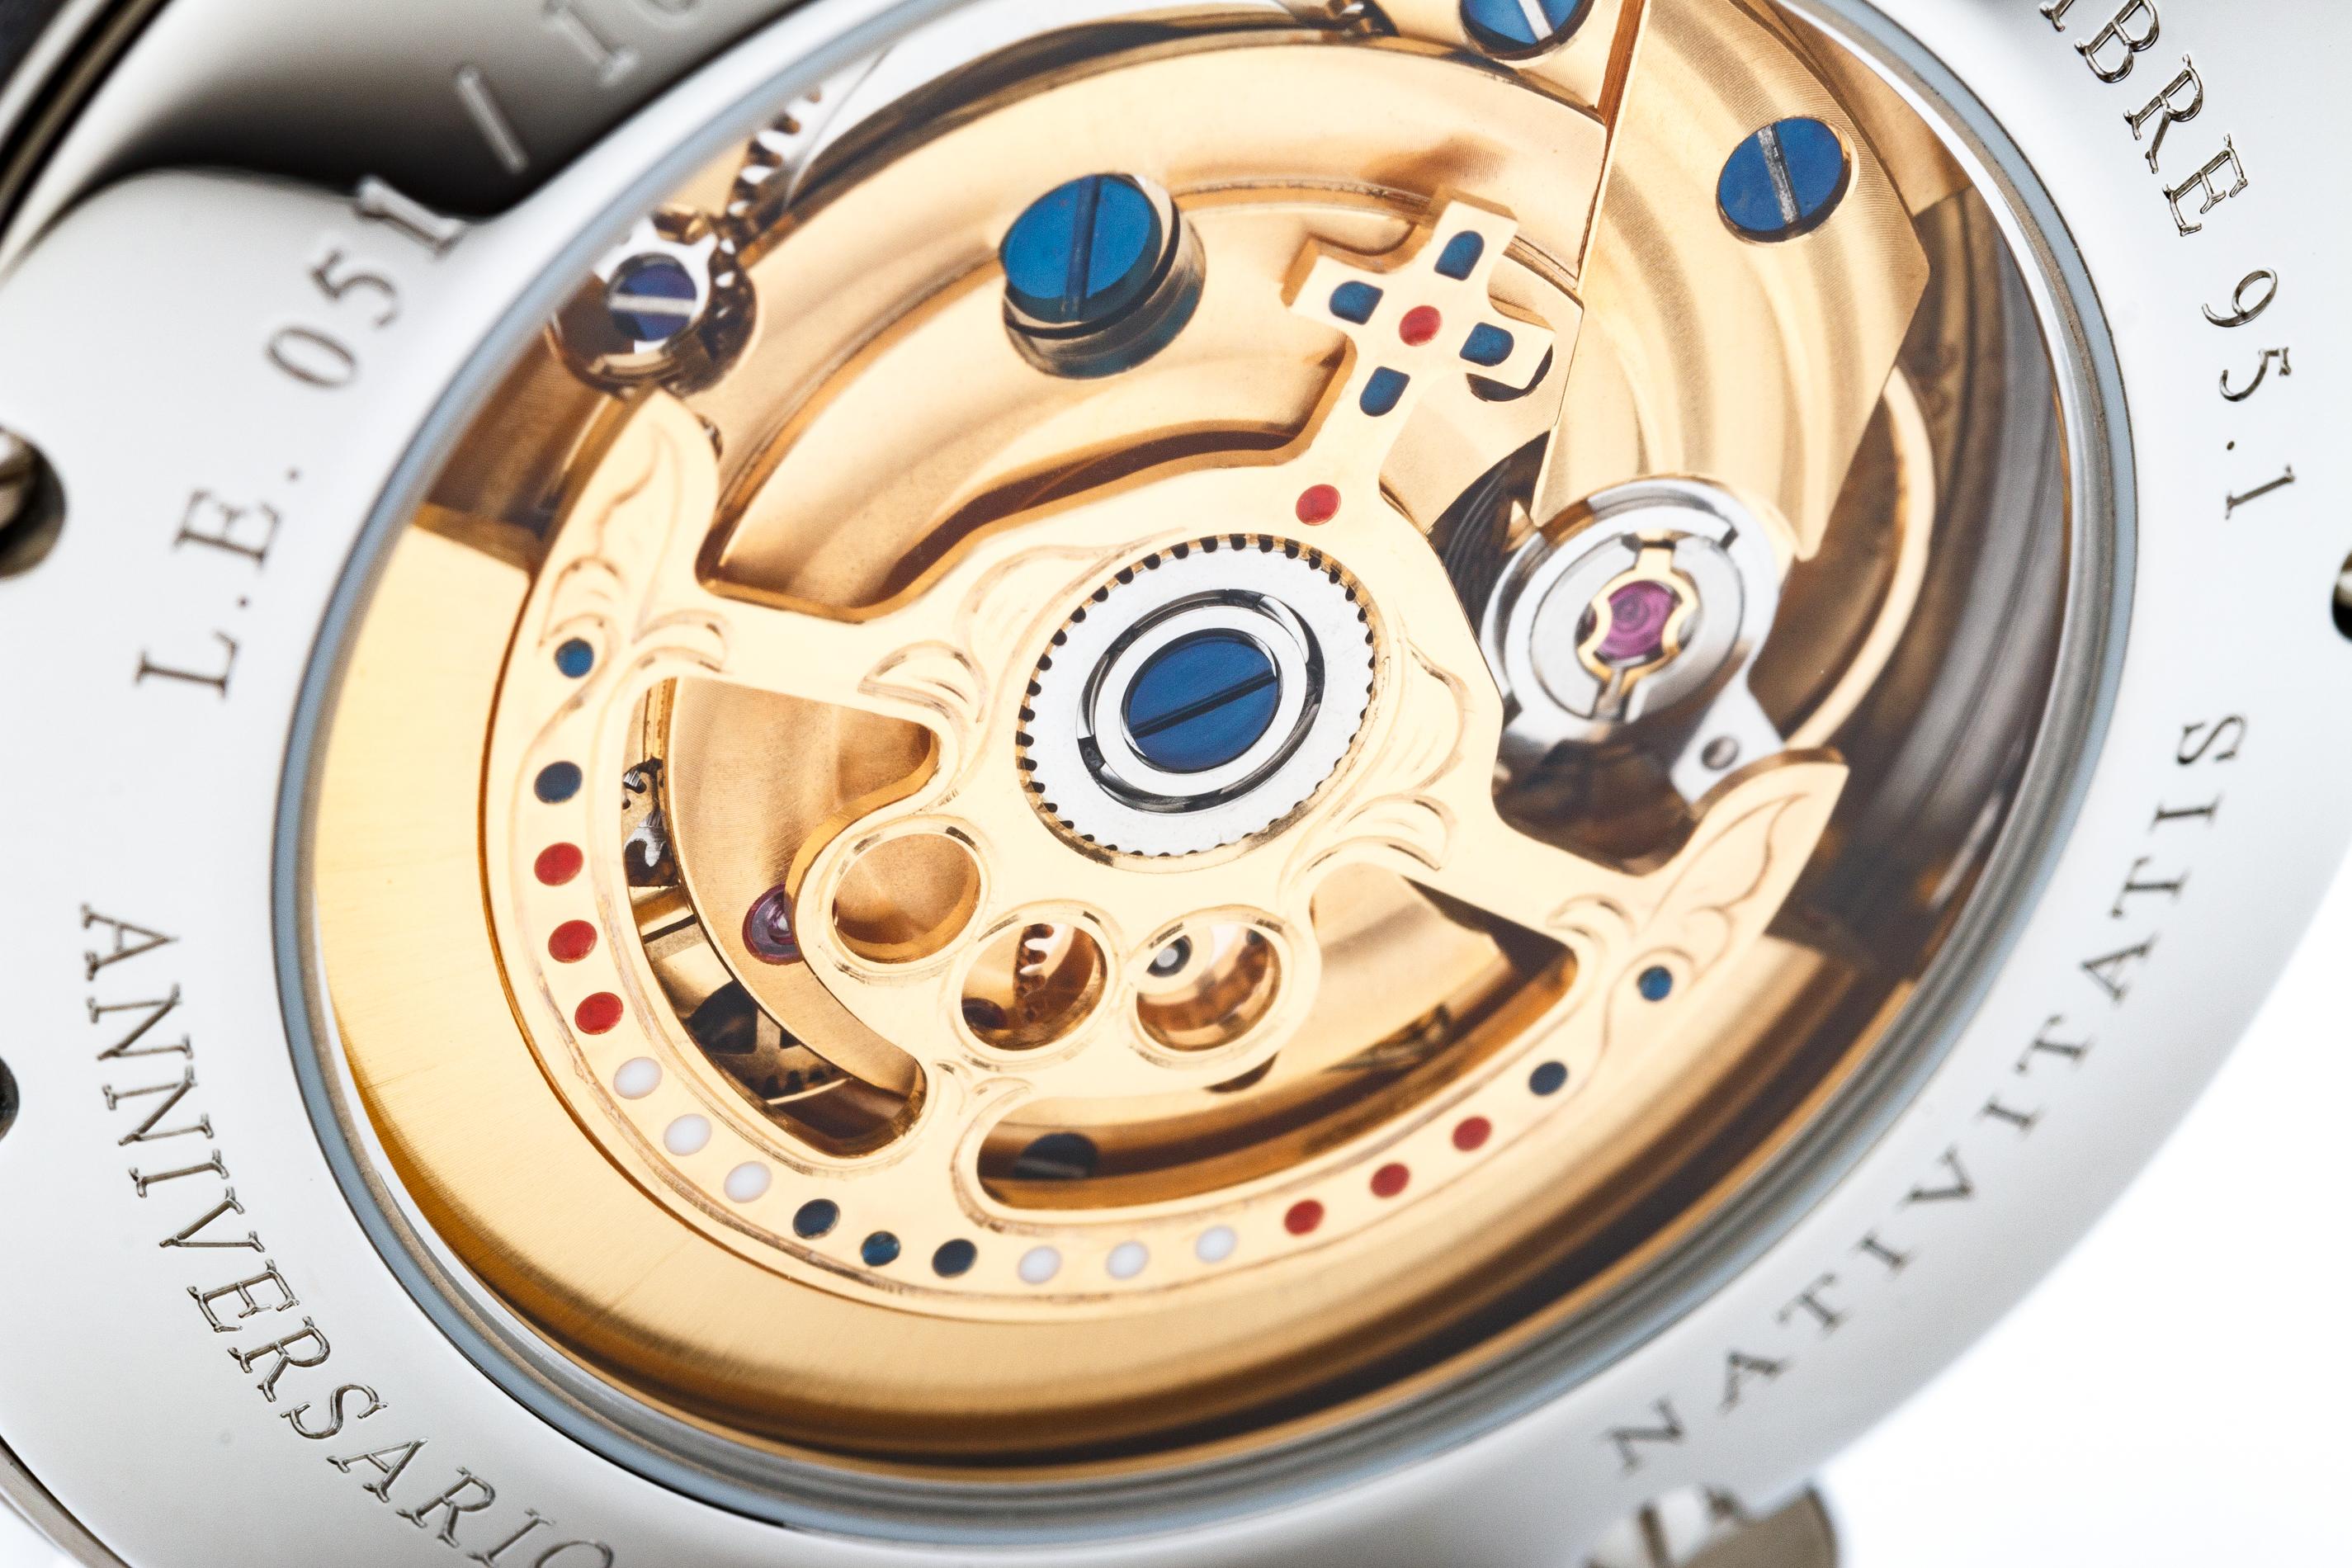 e9290061bf7 Limitované edice – nejen pro sběratele hodinek